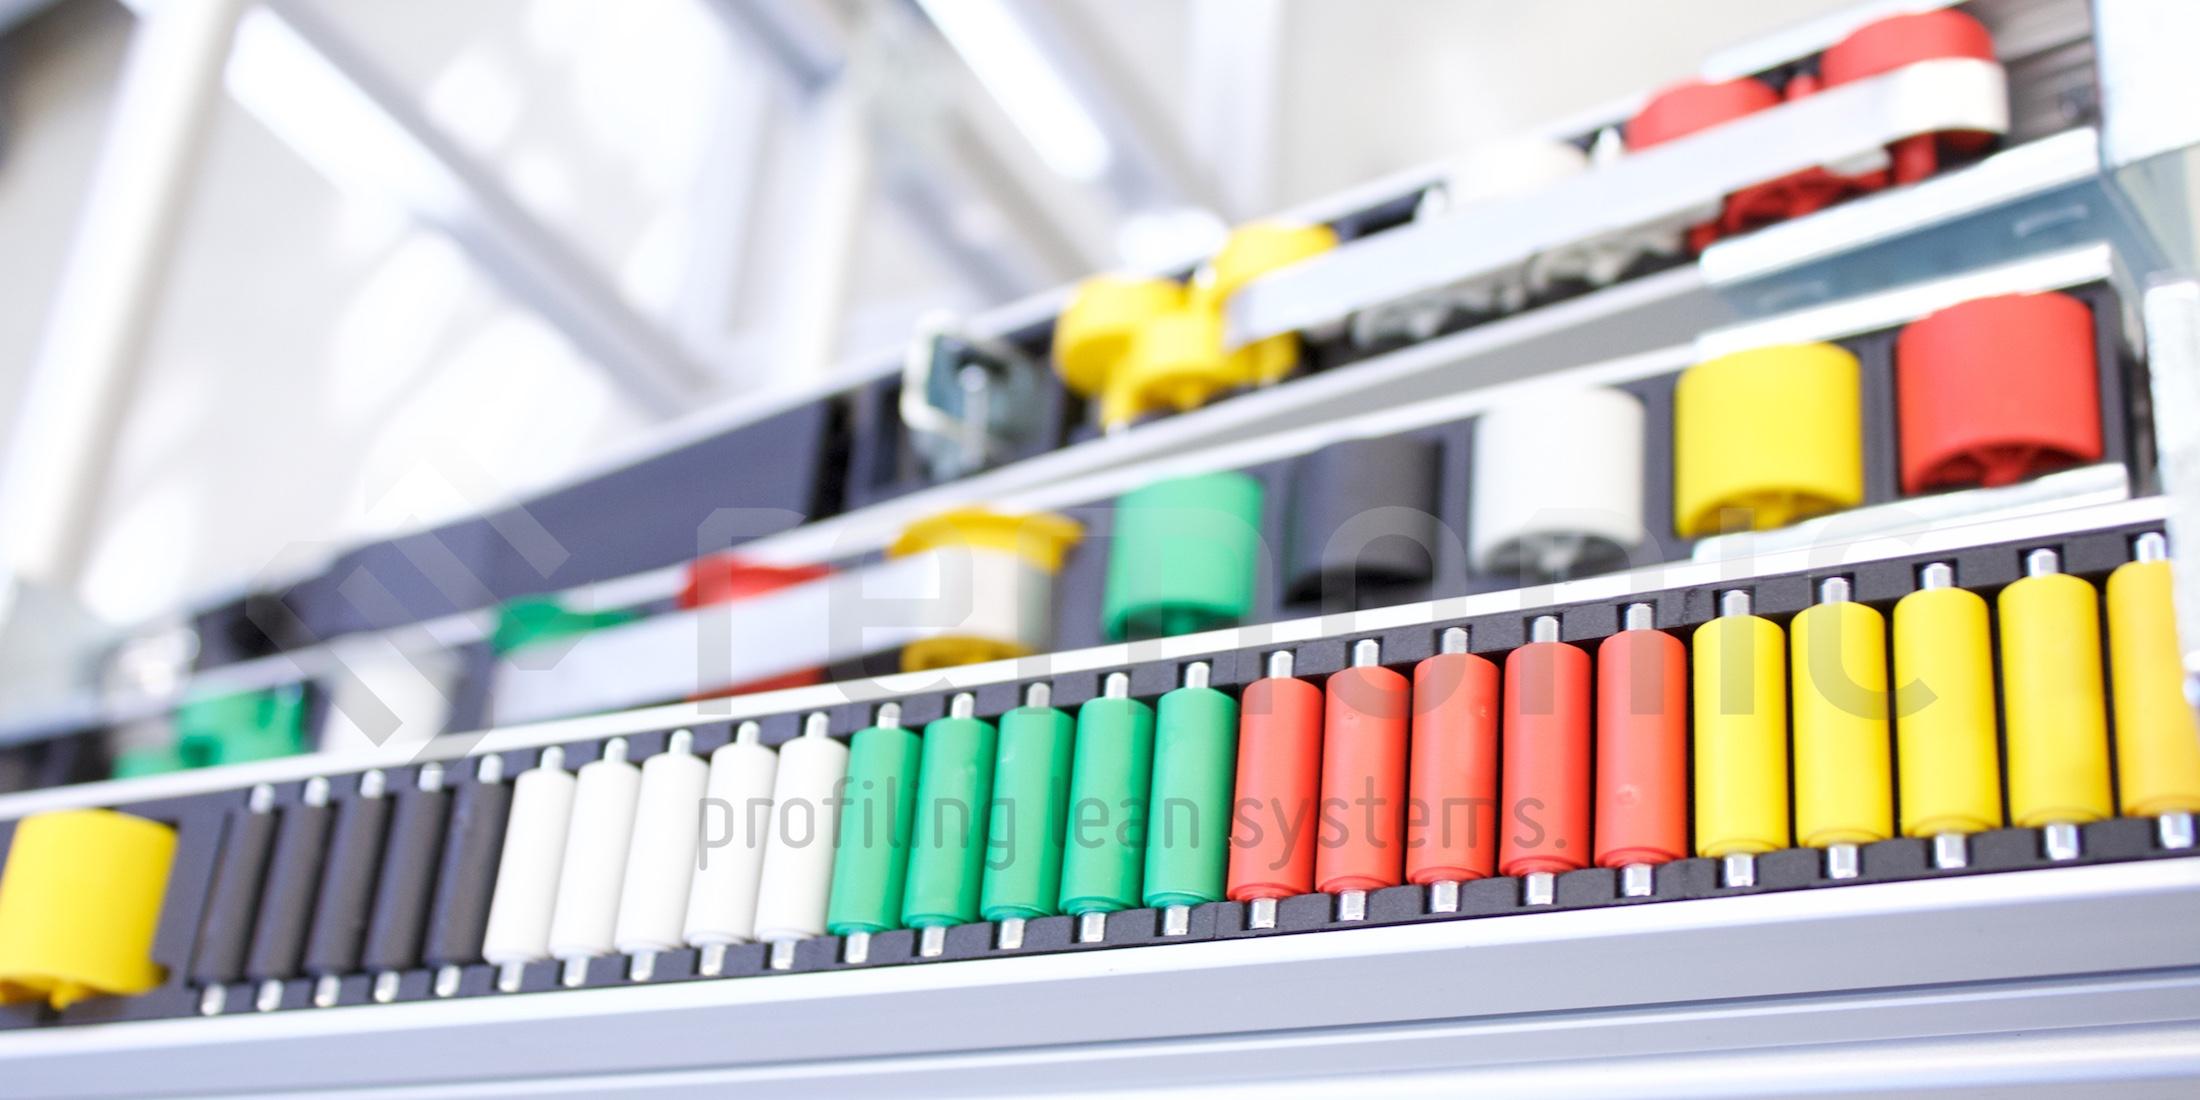 remonic® bietet flexible Systeme für Ihre flexiblen Produkte im Bereich der Regalsysteme und anderer Zuführeinrichtungen. Fragen Sie uns nach einer Lösung für Ihr Regal.